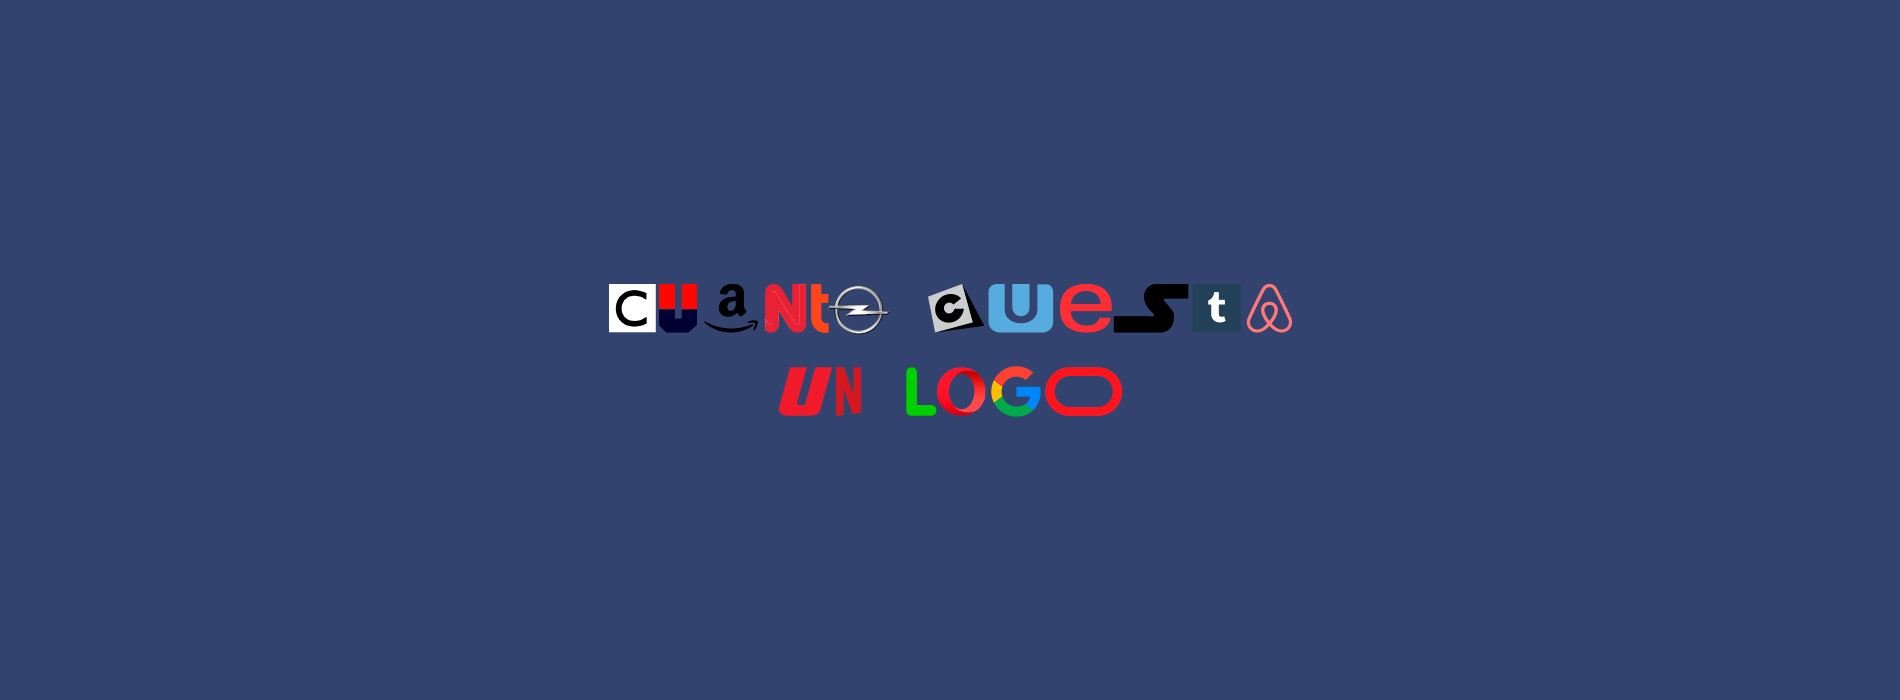 Cu nto cuesta un logo la eterna pregunta damos cifras for Cuanto cuesta un segway